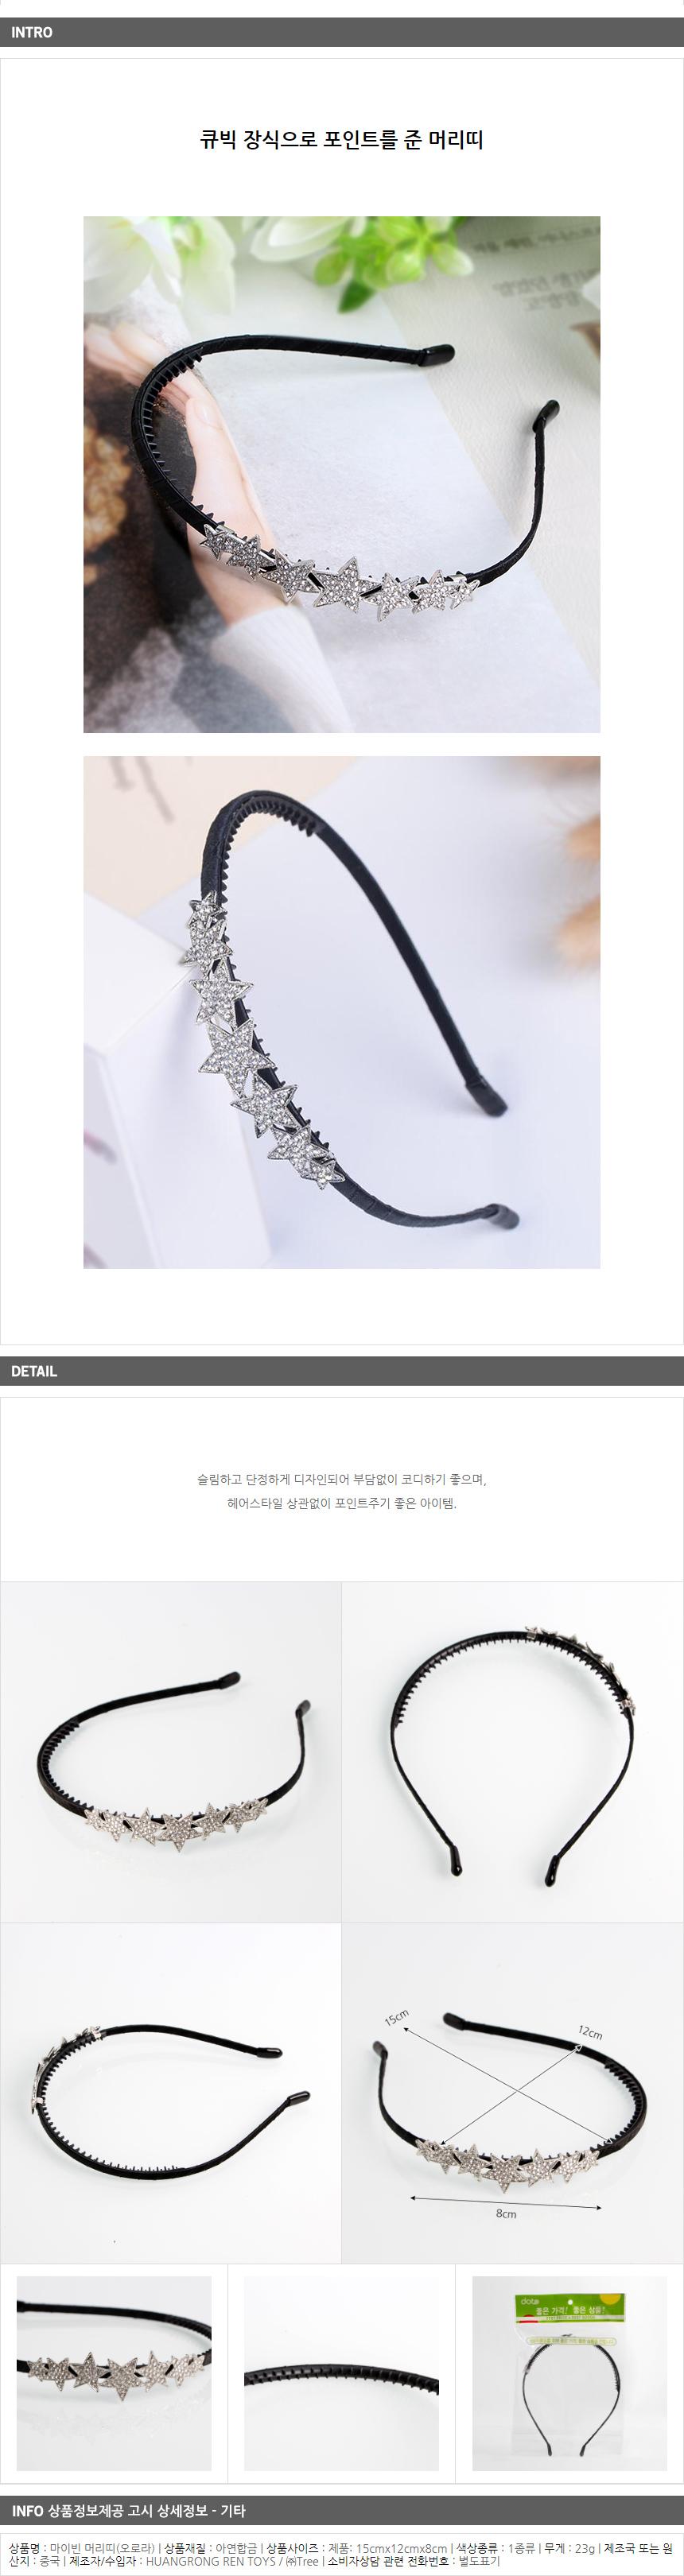 반짝 별 머리띠 포인트 헤어악세사리 - 기프트갓, 2,830원, 헤어핀/밴드/끈, 헤어밴드